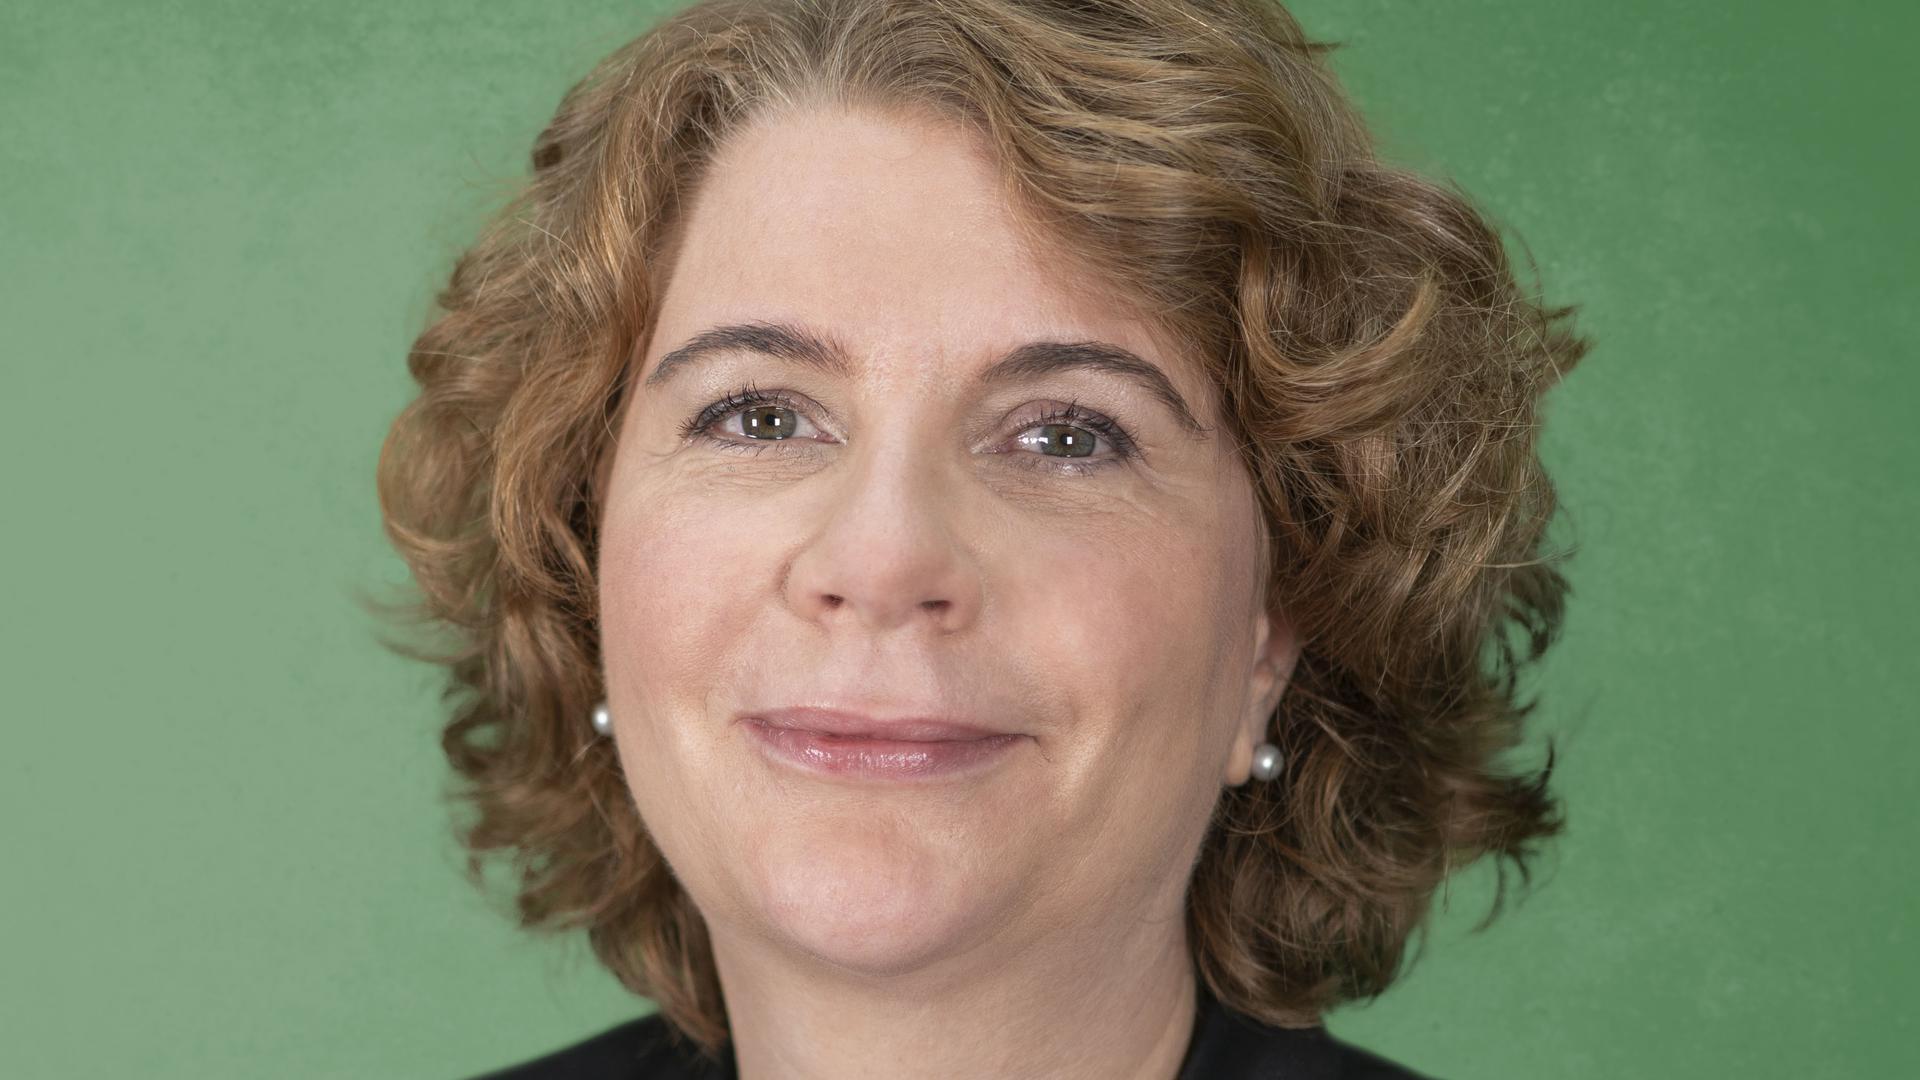 Nicole Heger - Kandidatin der Grünen für den Wahlkreis Bruchsal Landtagswahl 2021